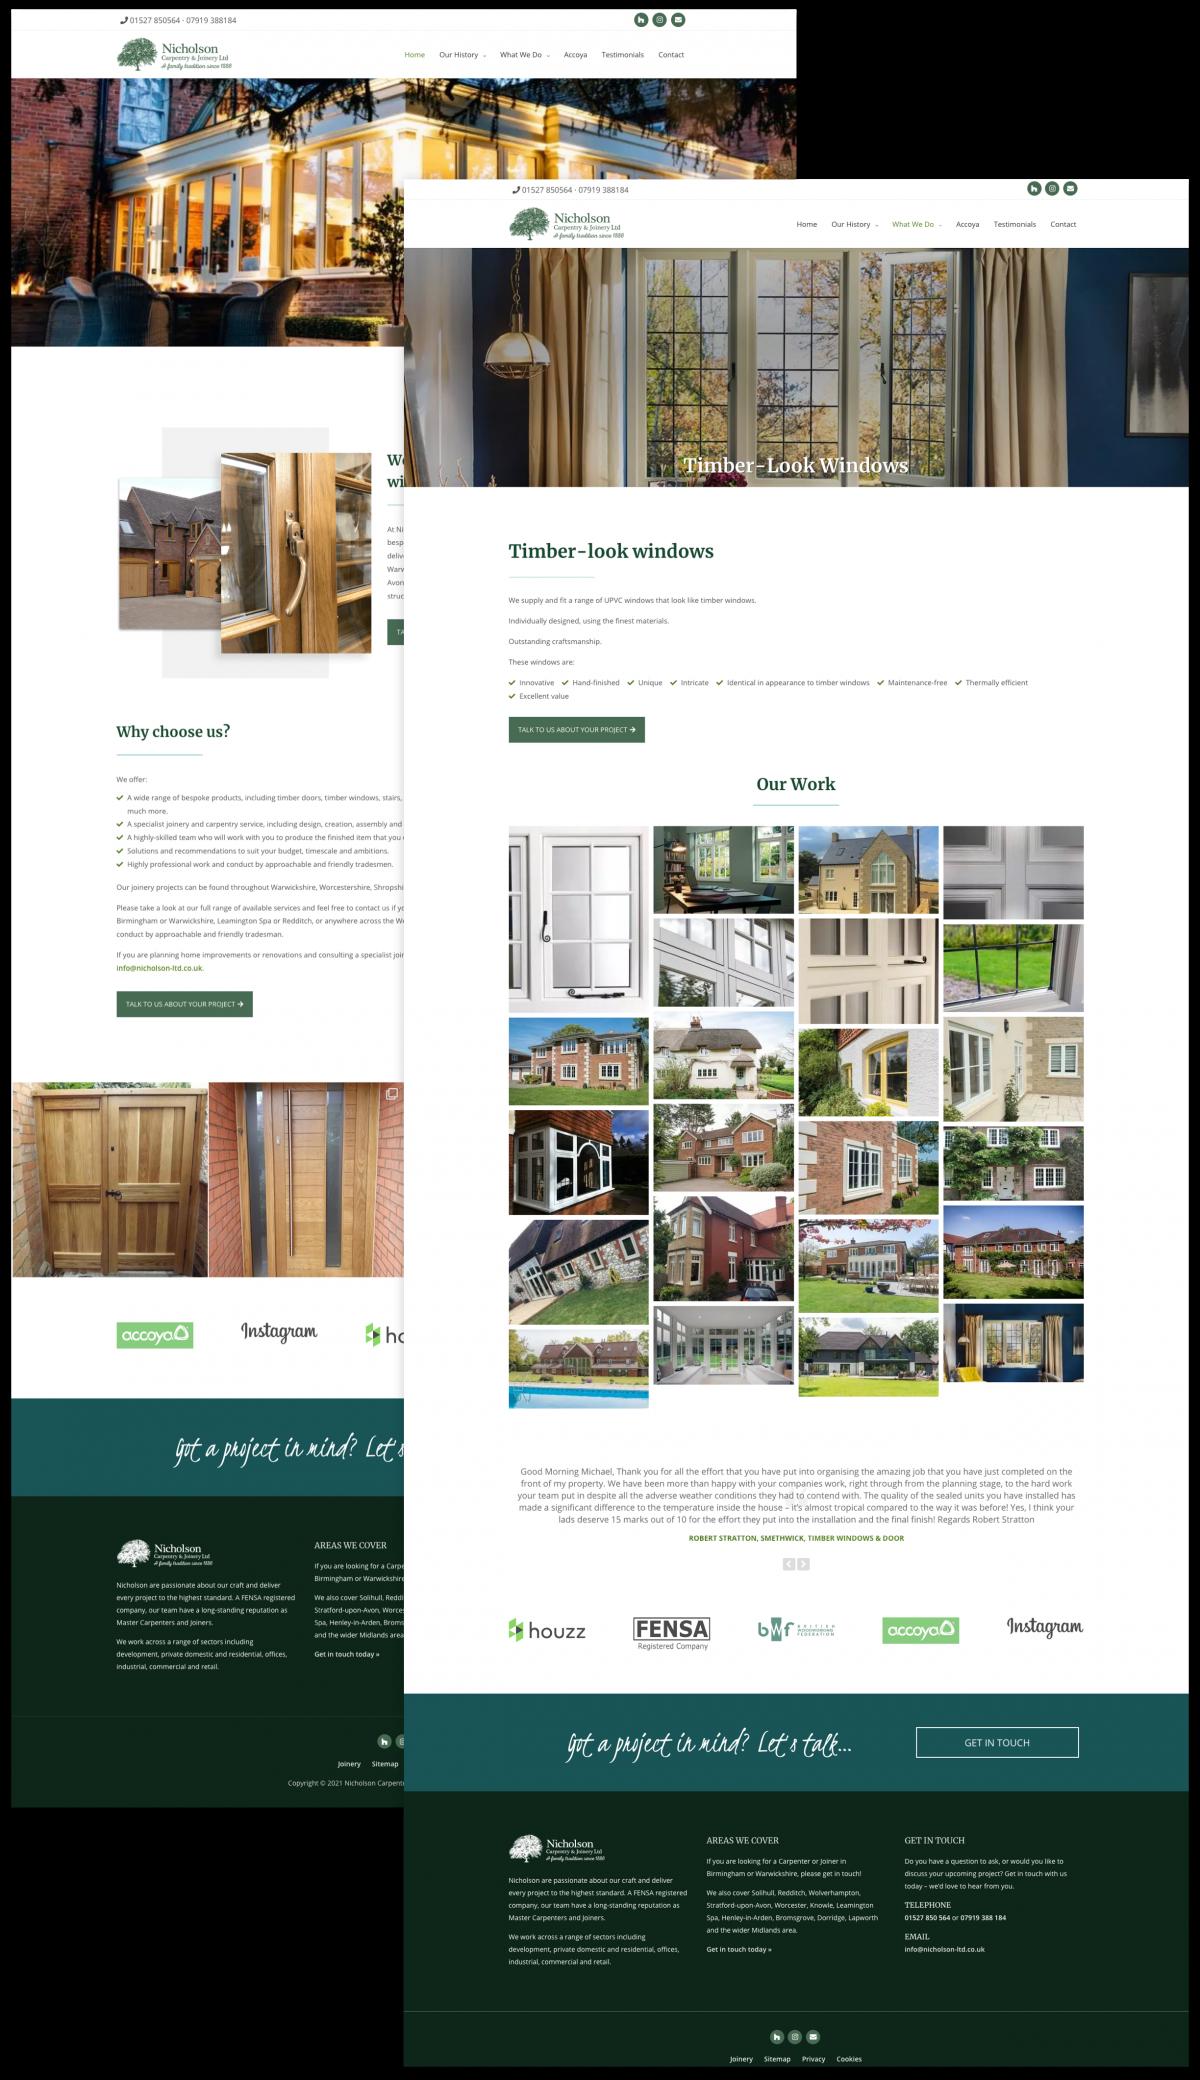 Carpenter Joiner Website Design - Nicholson Carpentry & Joinery